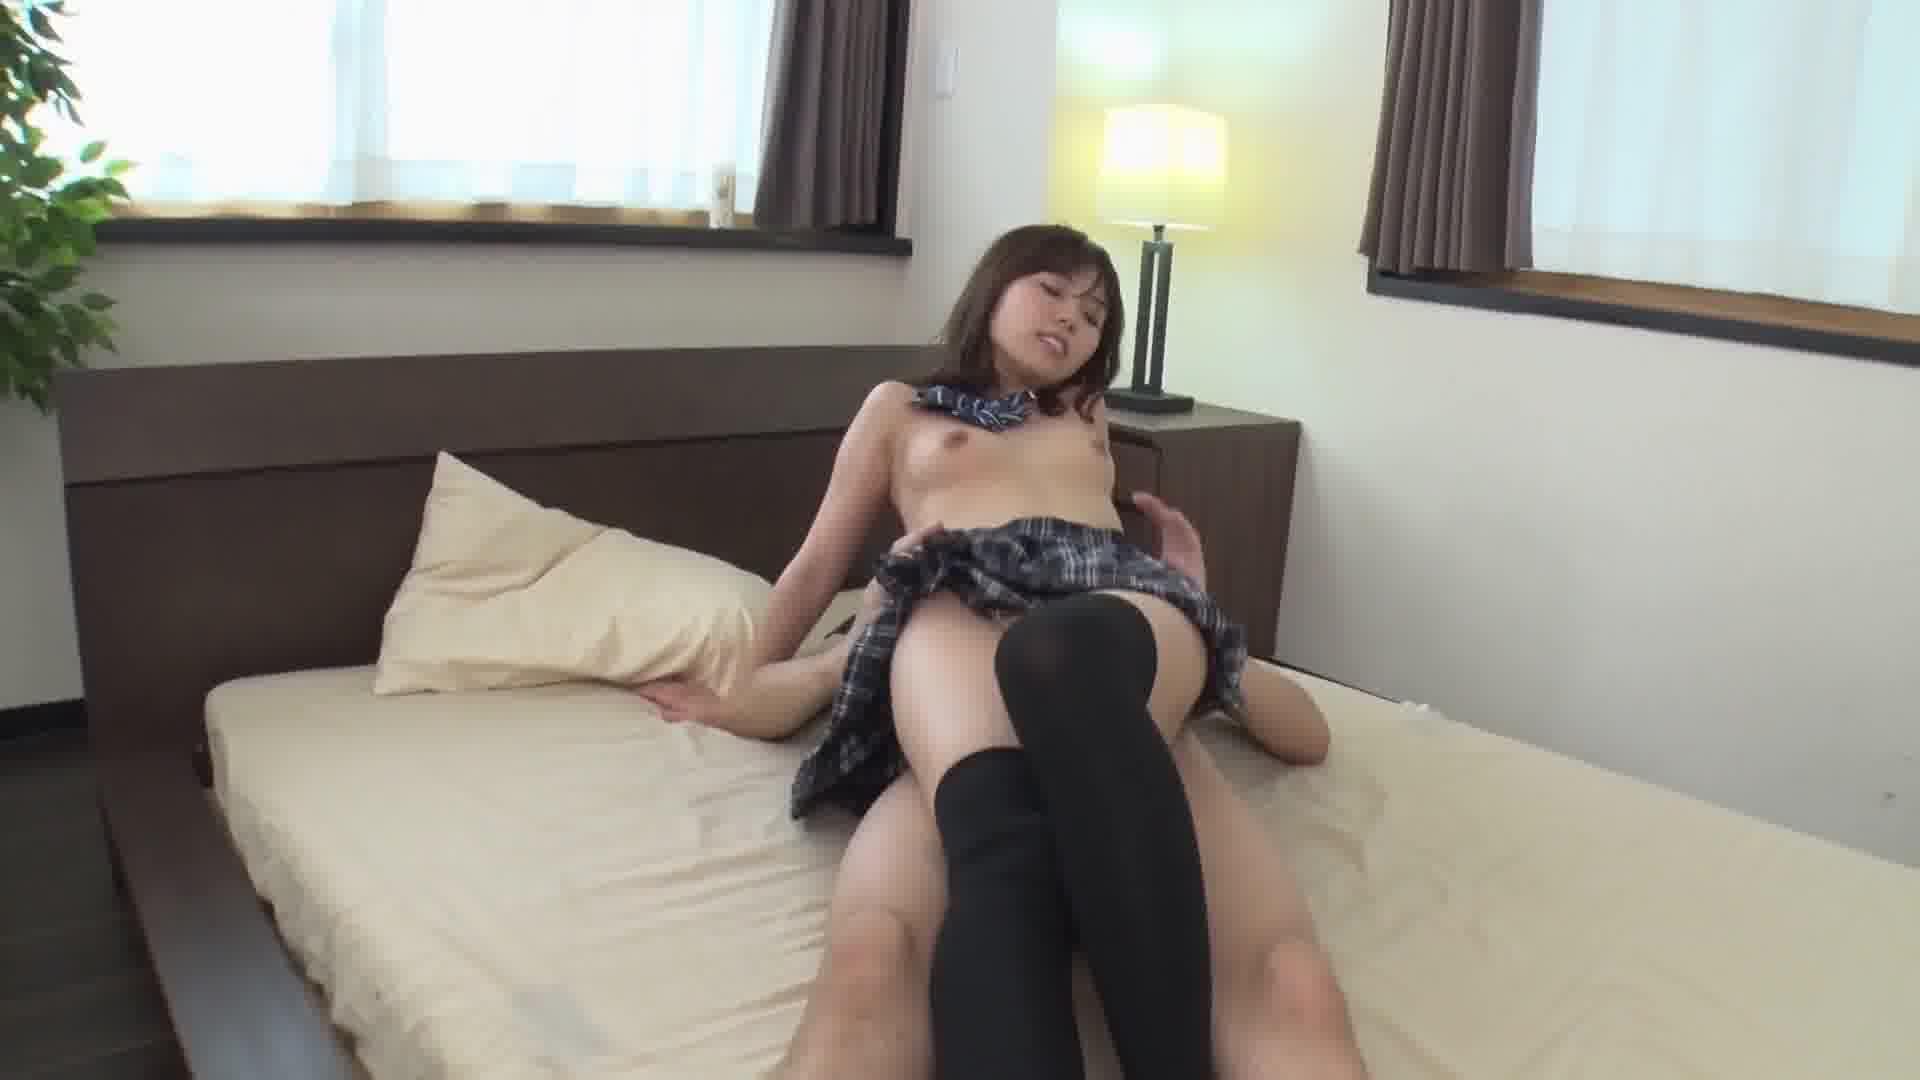 愛しの絶対領域 - 水鳥文乃【制服・パイパン・美乳】